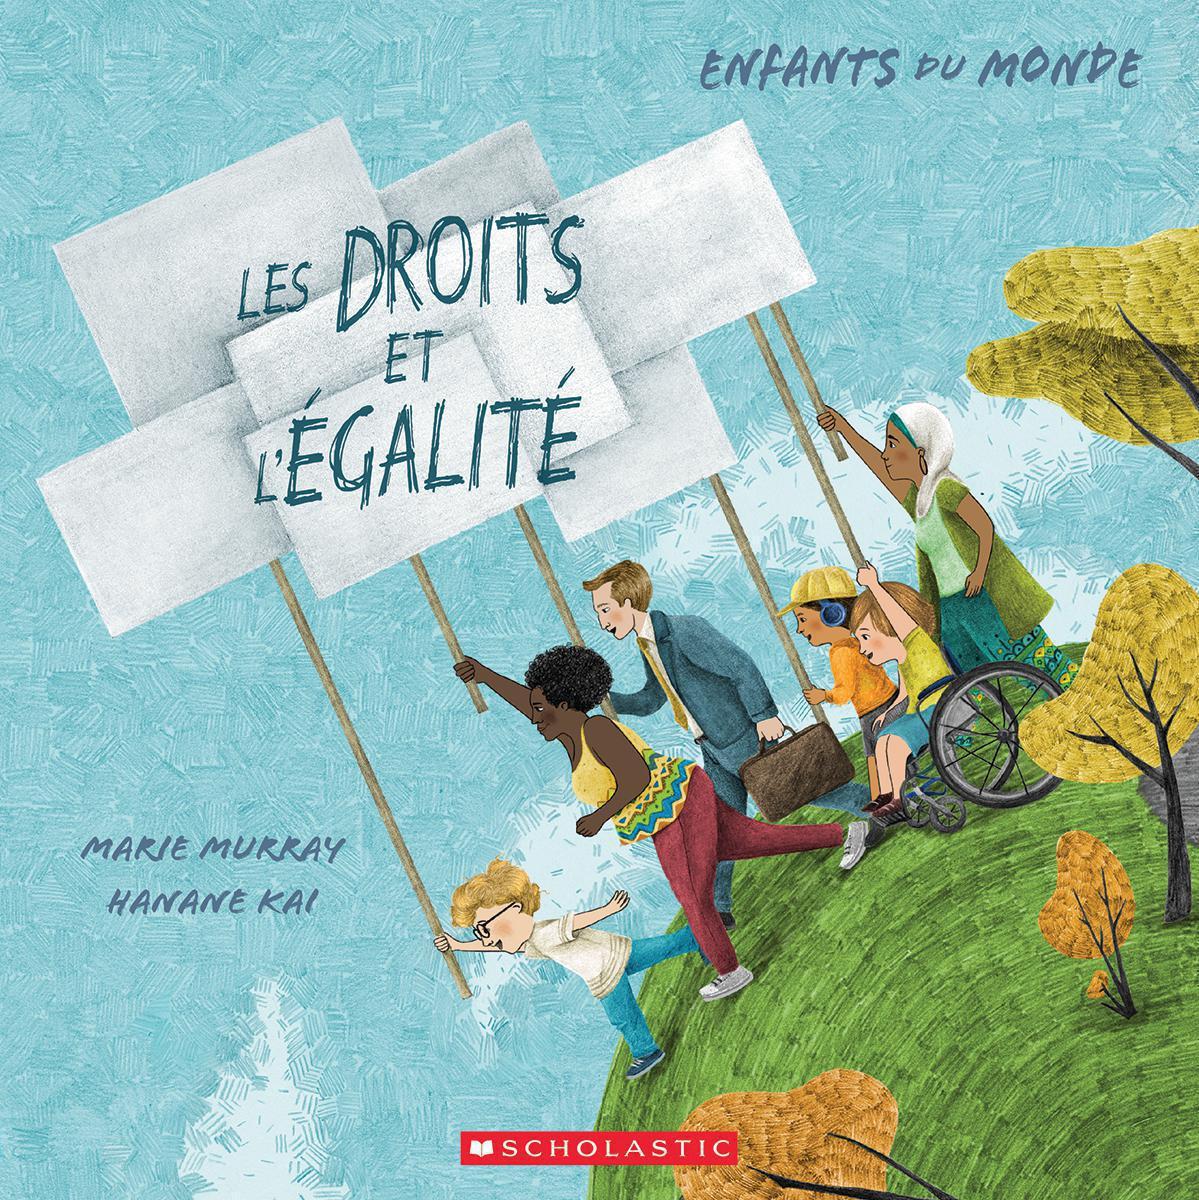 Enfants du monde : Les droits et l'égalité